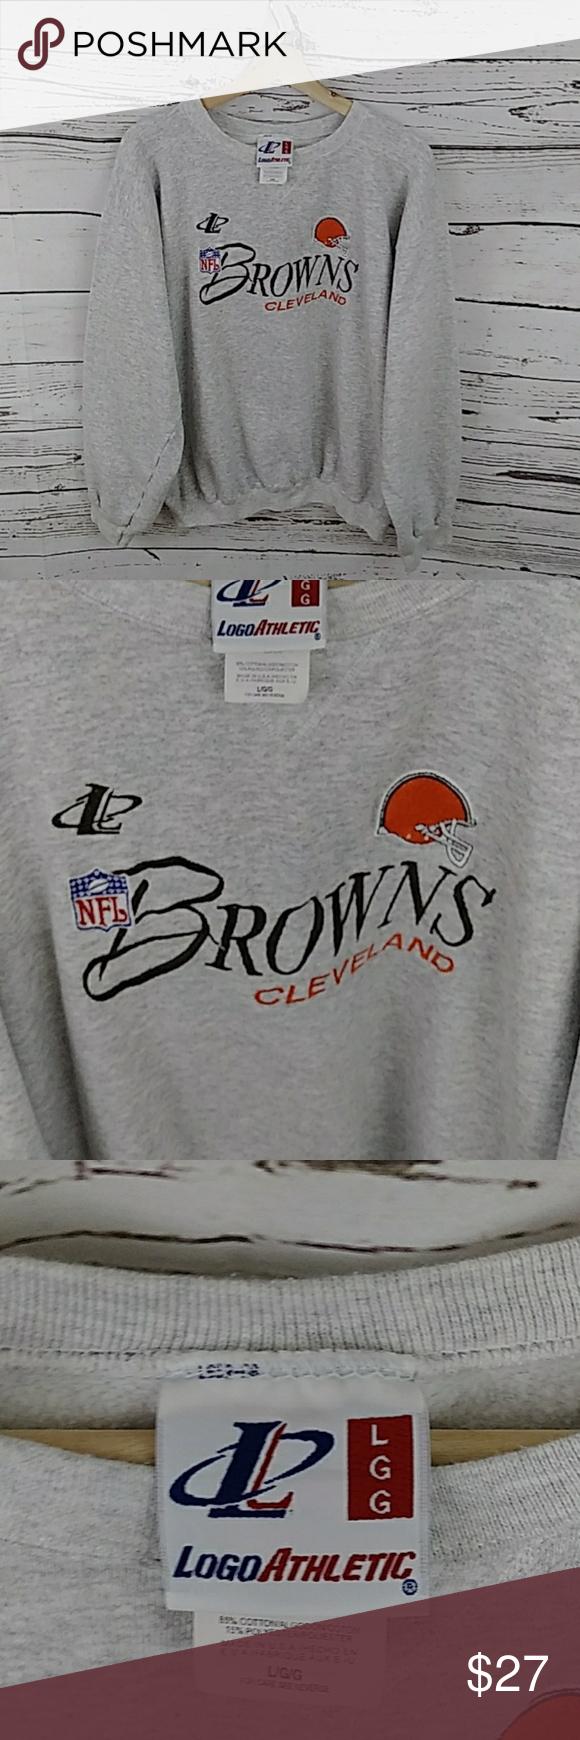 Vtg Nfl Cleveland Browns Embroidered Sweatshirt Vtg Nfl Cleveland Browns Embroidered Sweatshirt Excellent Embroidered Sweatshirts Sweatshirts Sweatshirt Shirt [ 1740 x 580 Pixel ]